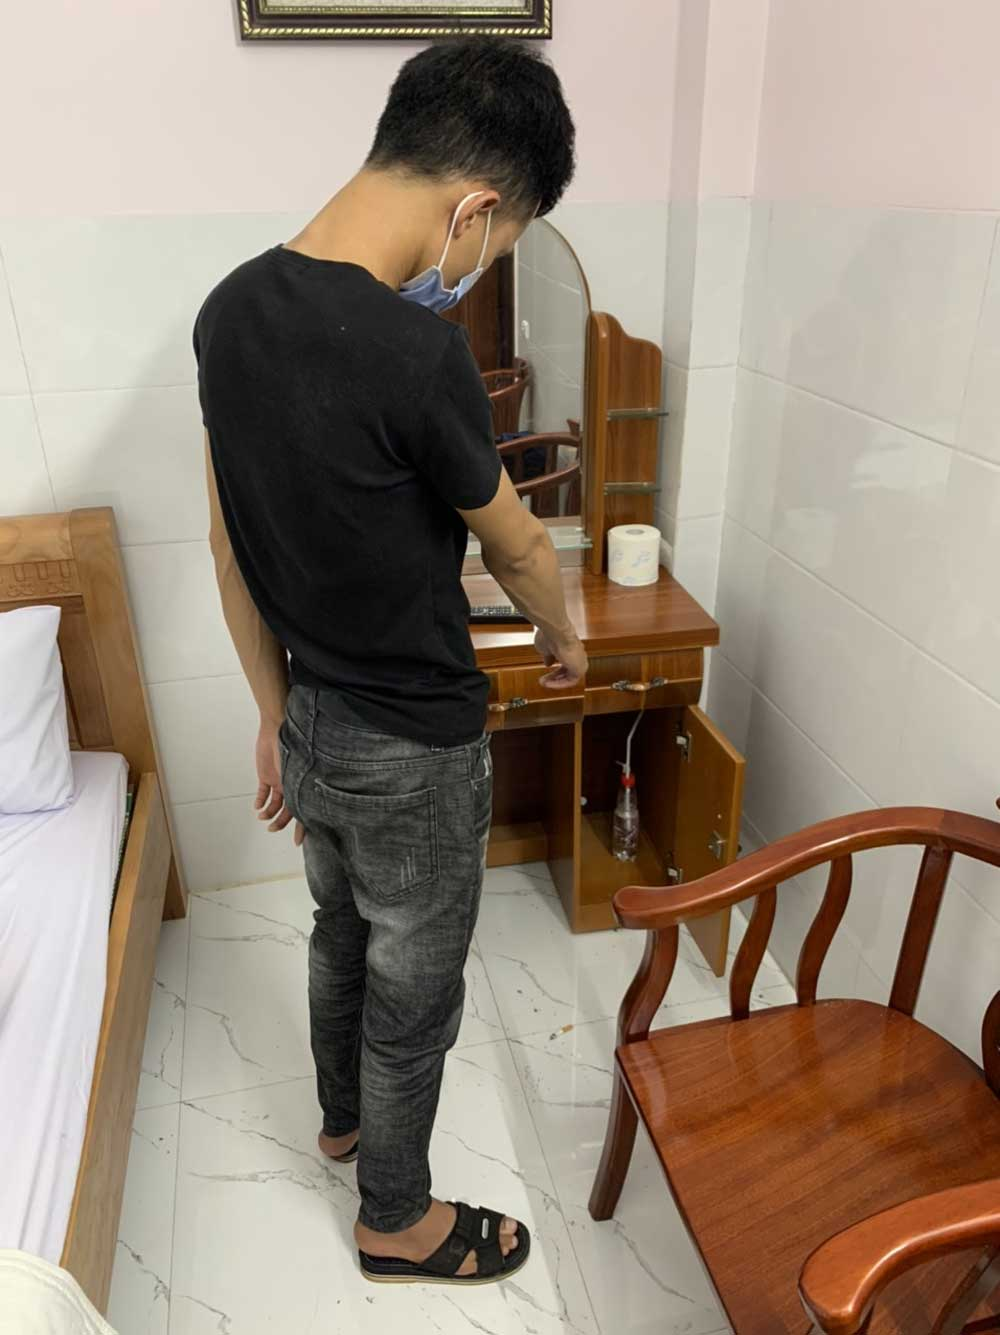 Việt Yên, Khách thuê nhà ,sử dụng ma túy, chủ bị xử phạt, 17,5 triệu đồng, Bắc Giang, My Điền